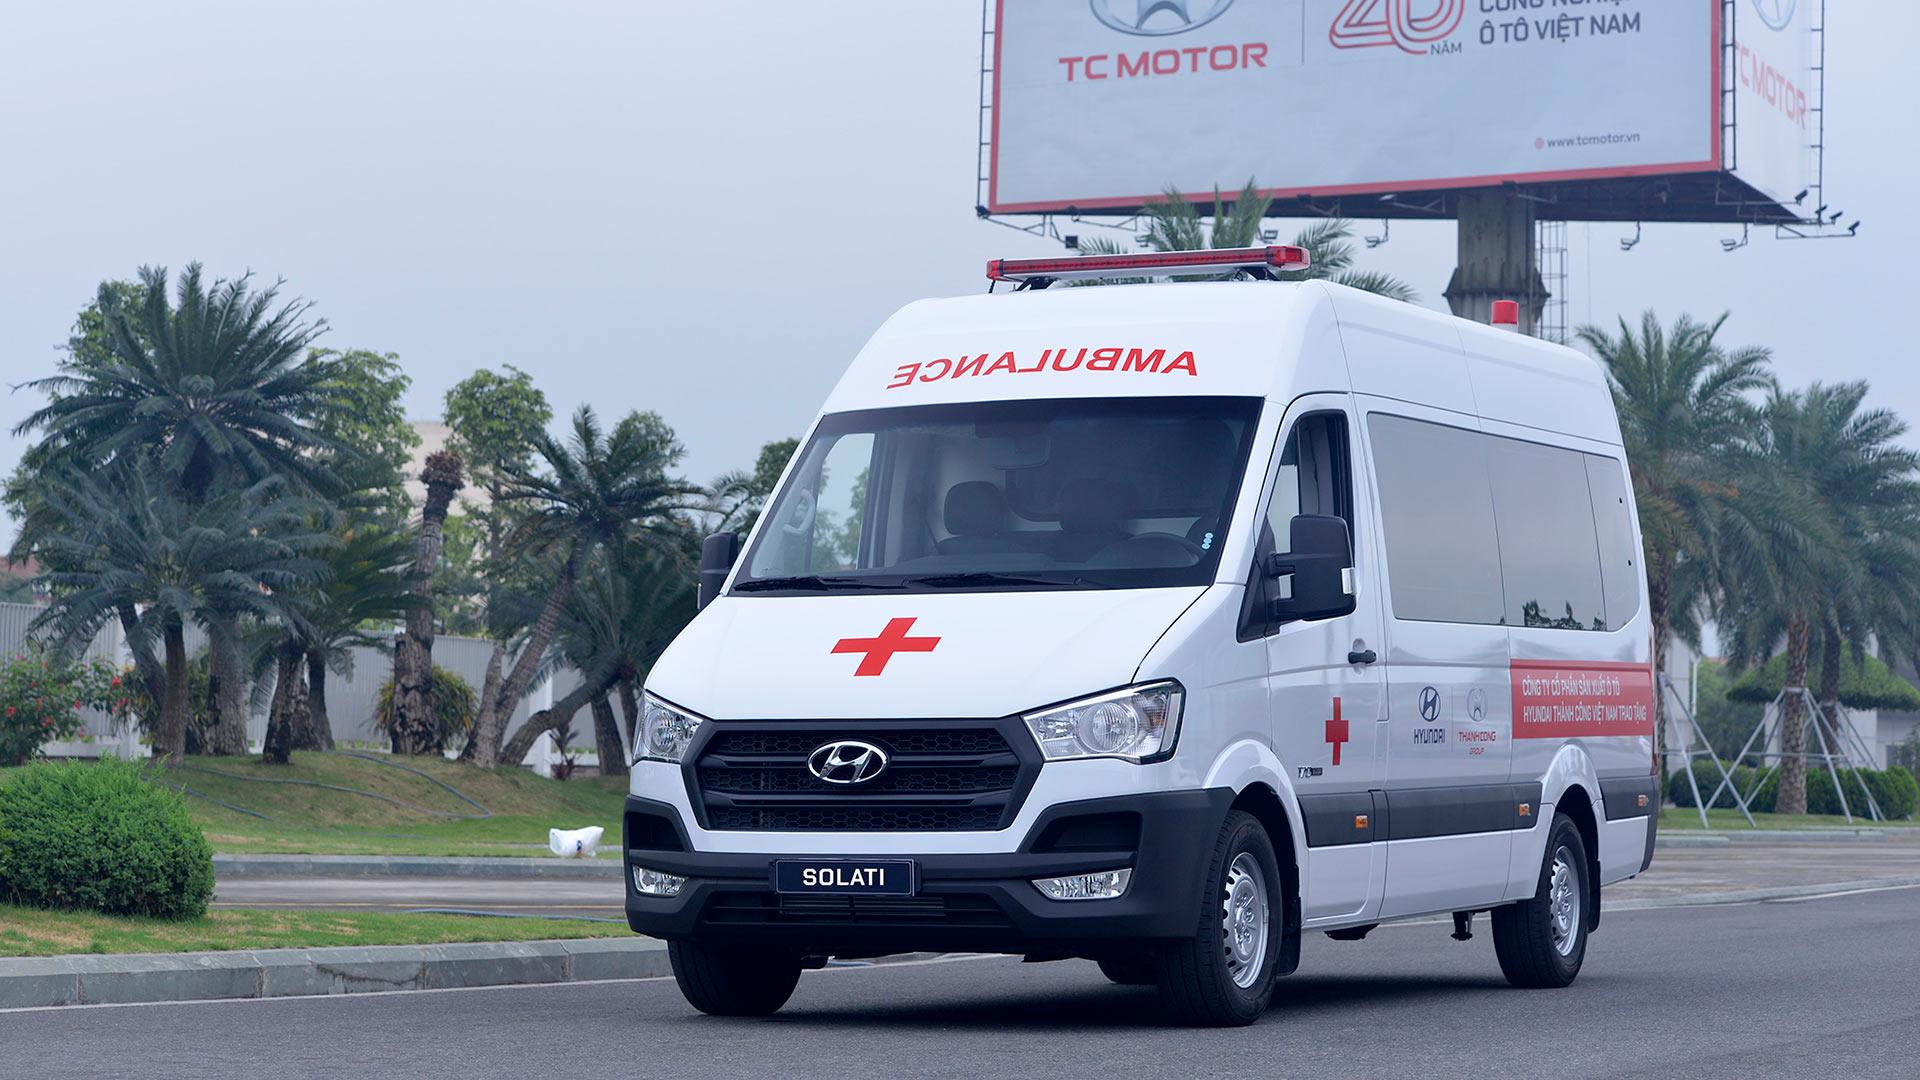 Tập đoàn Thành Công và Hyundai Motor tặng 10 xe Solati cứu thương